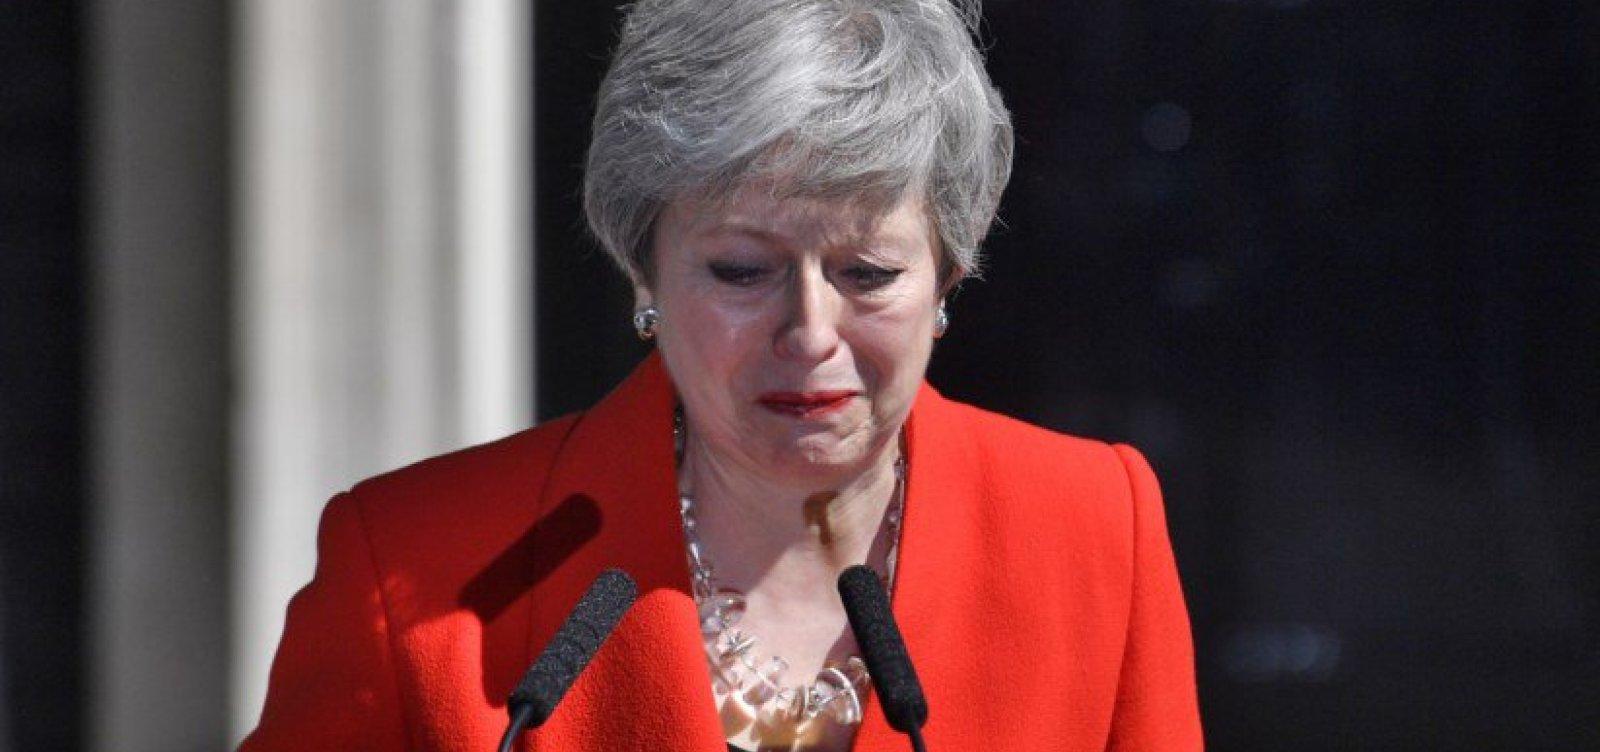 Primeira-ministra do Reino Unido, Theresa May anuncia renúncia ao cargo